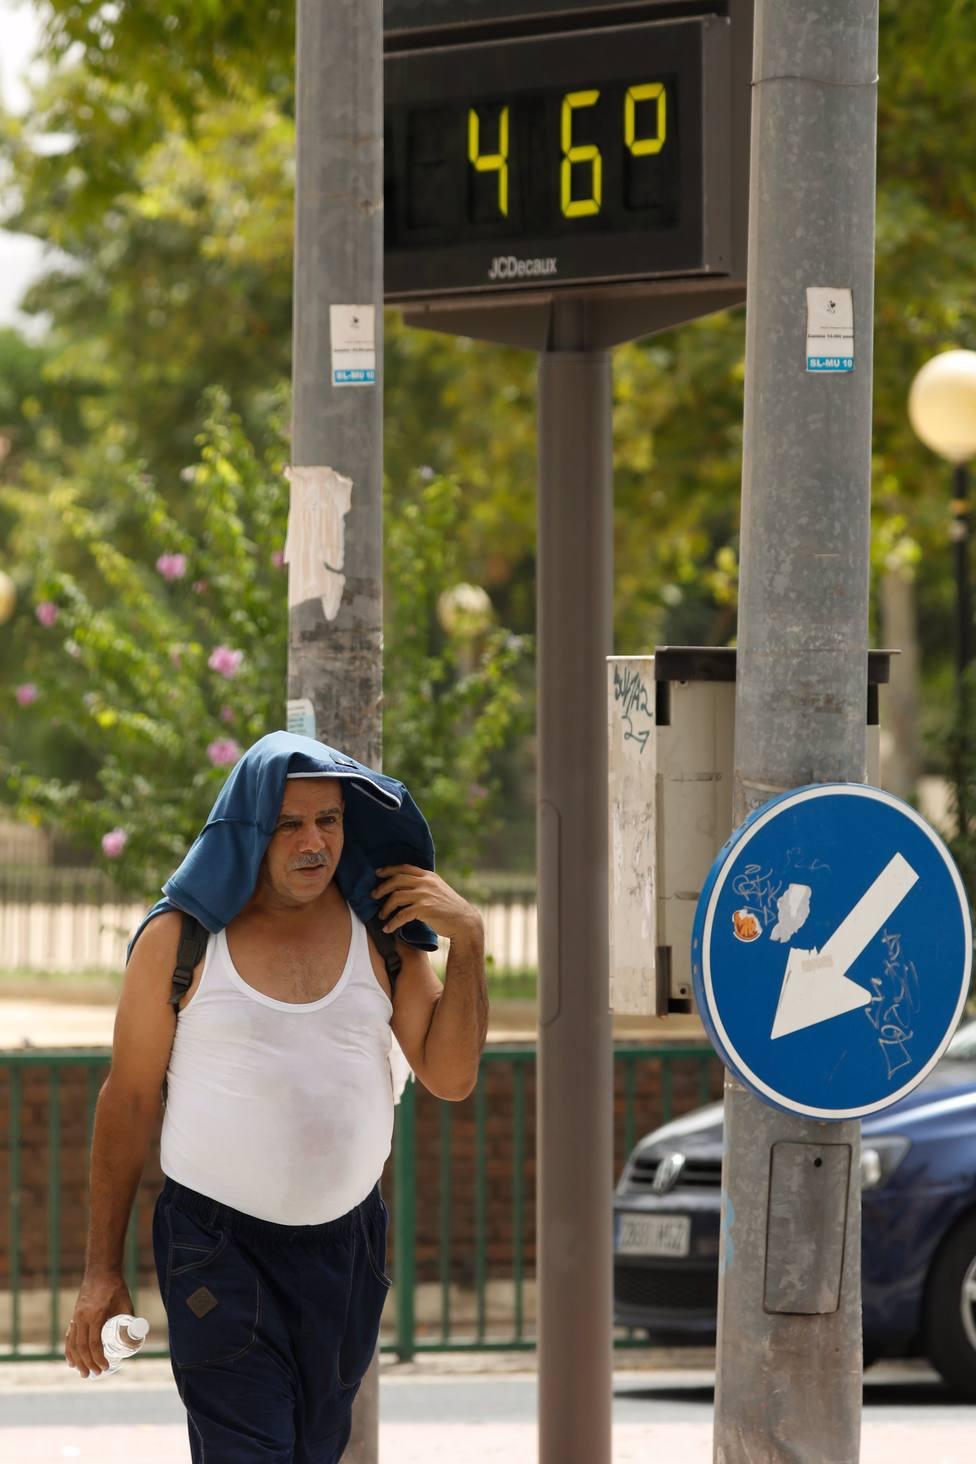 Murcia alcanza los 44,2 grados, la temperatura más alta de toda España registrada este lunes